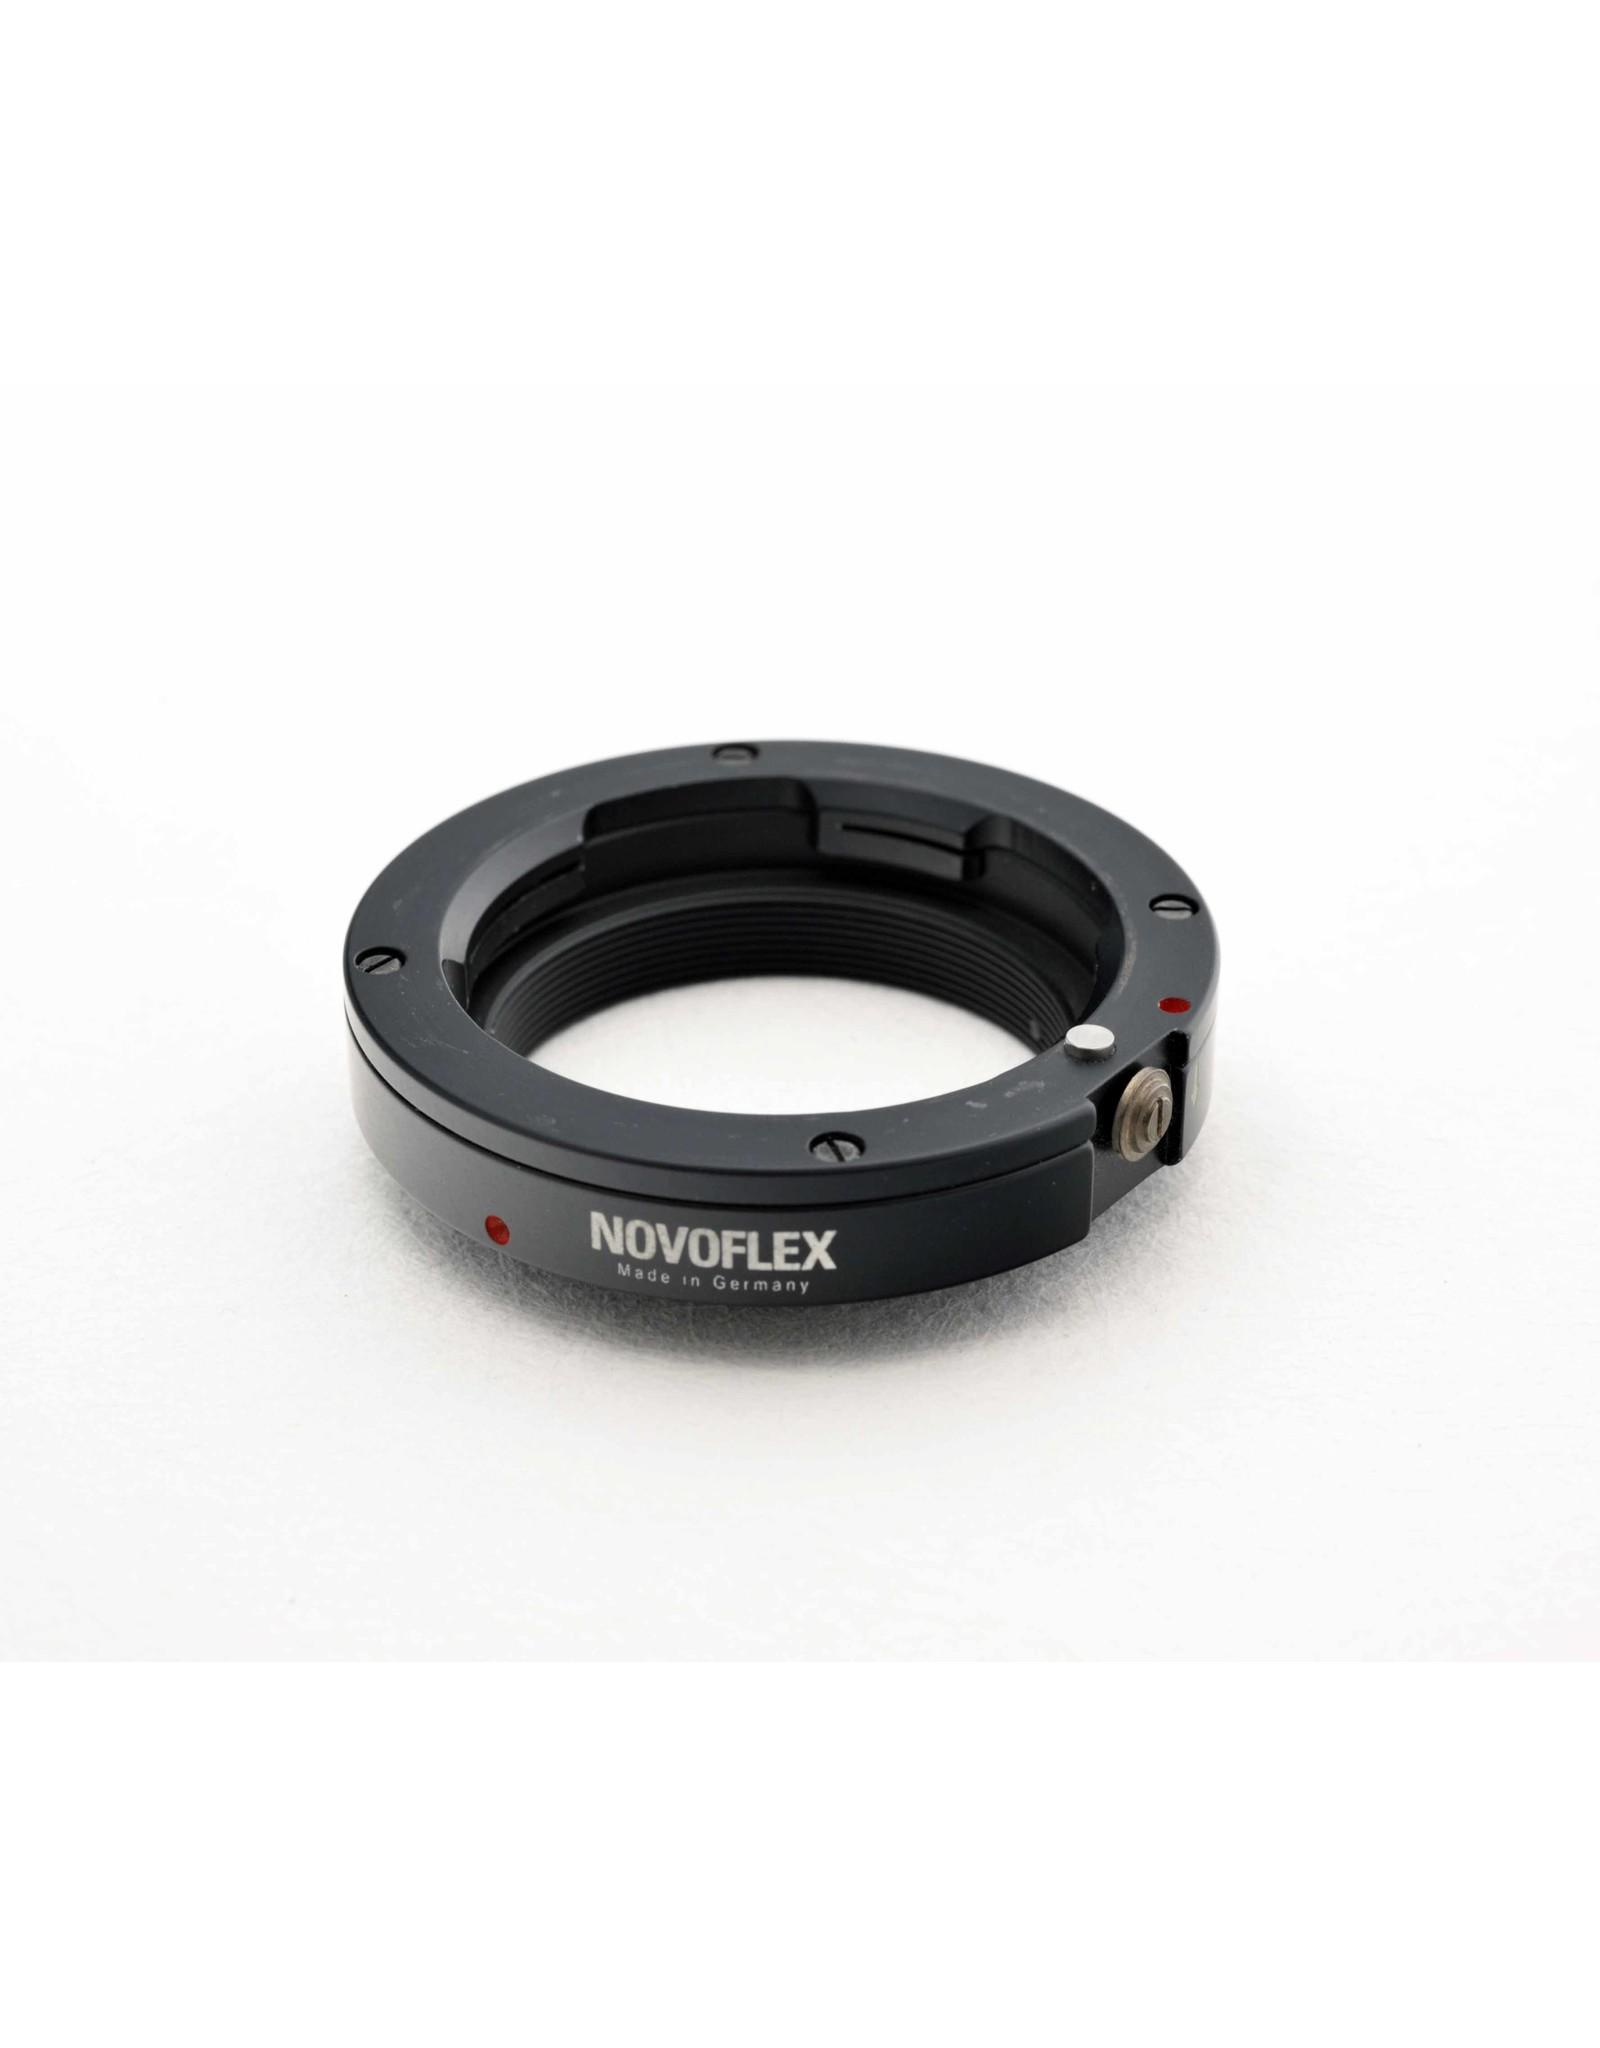 Novoflex Novoflex FUX/LEM (M to X) Adapter   AP1060108